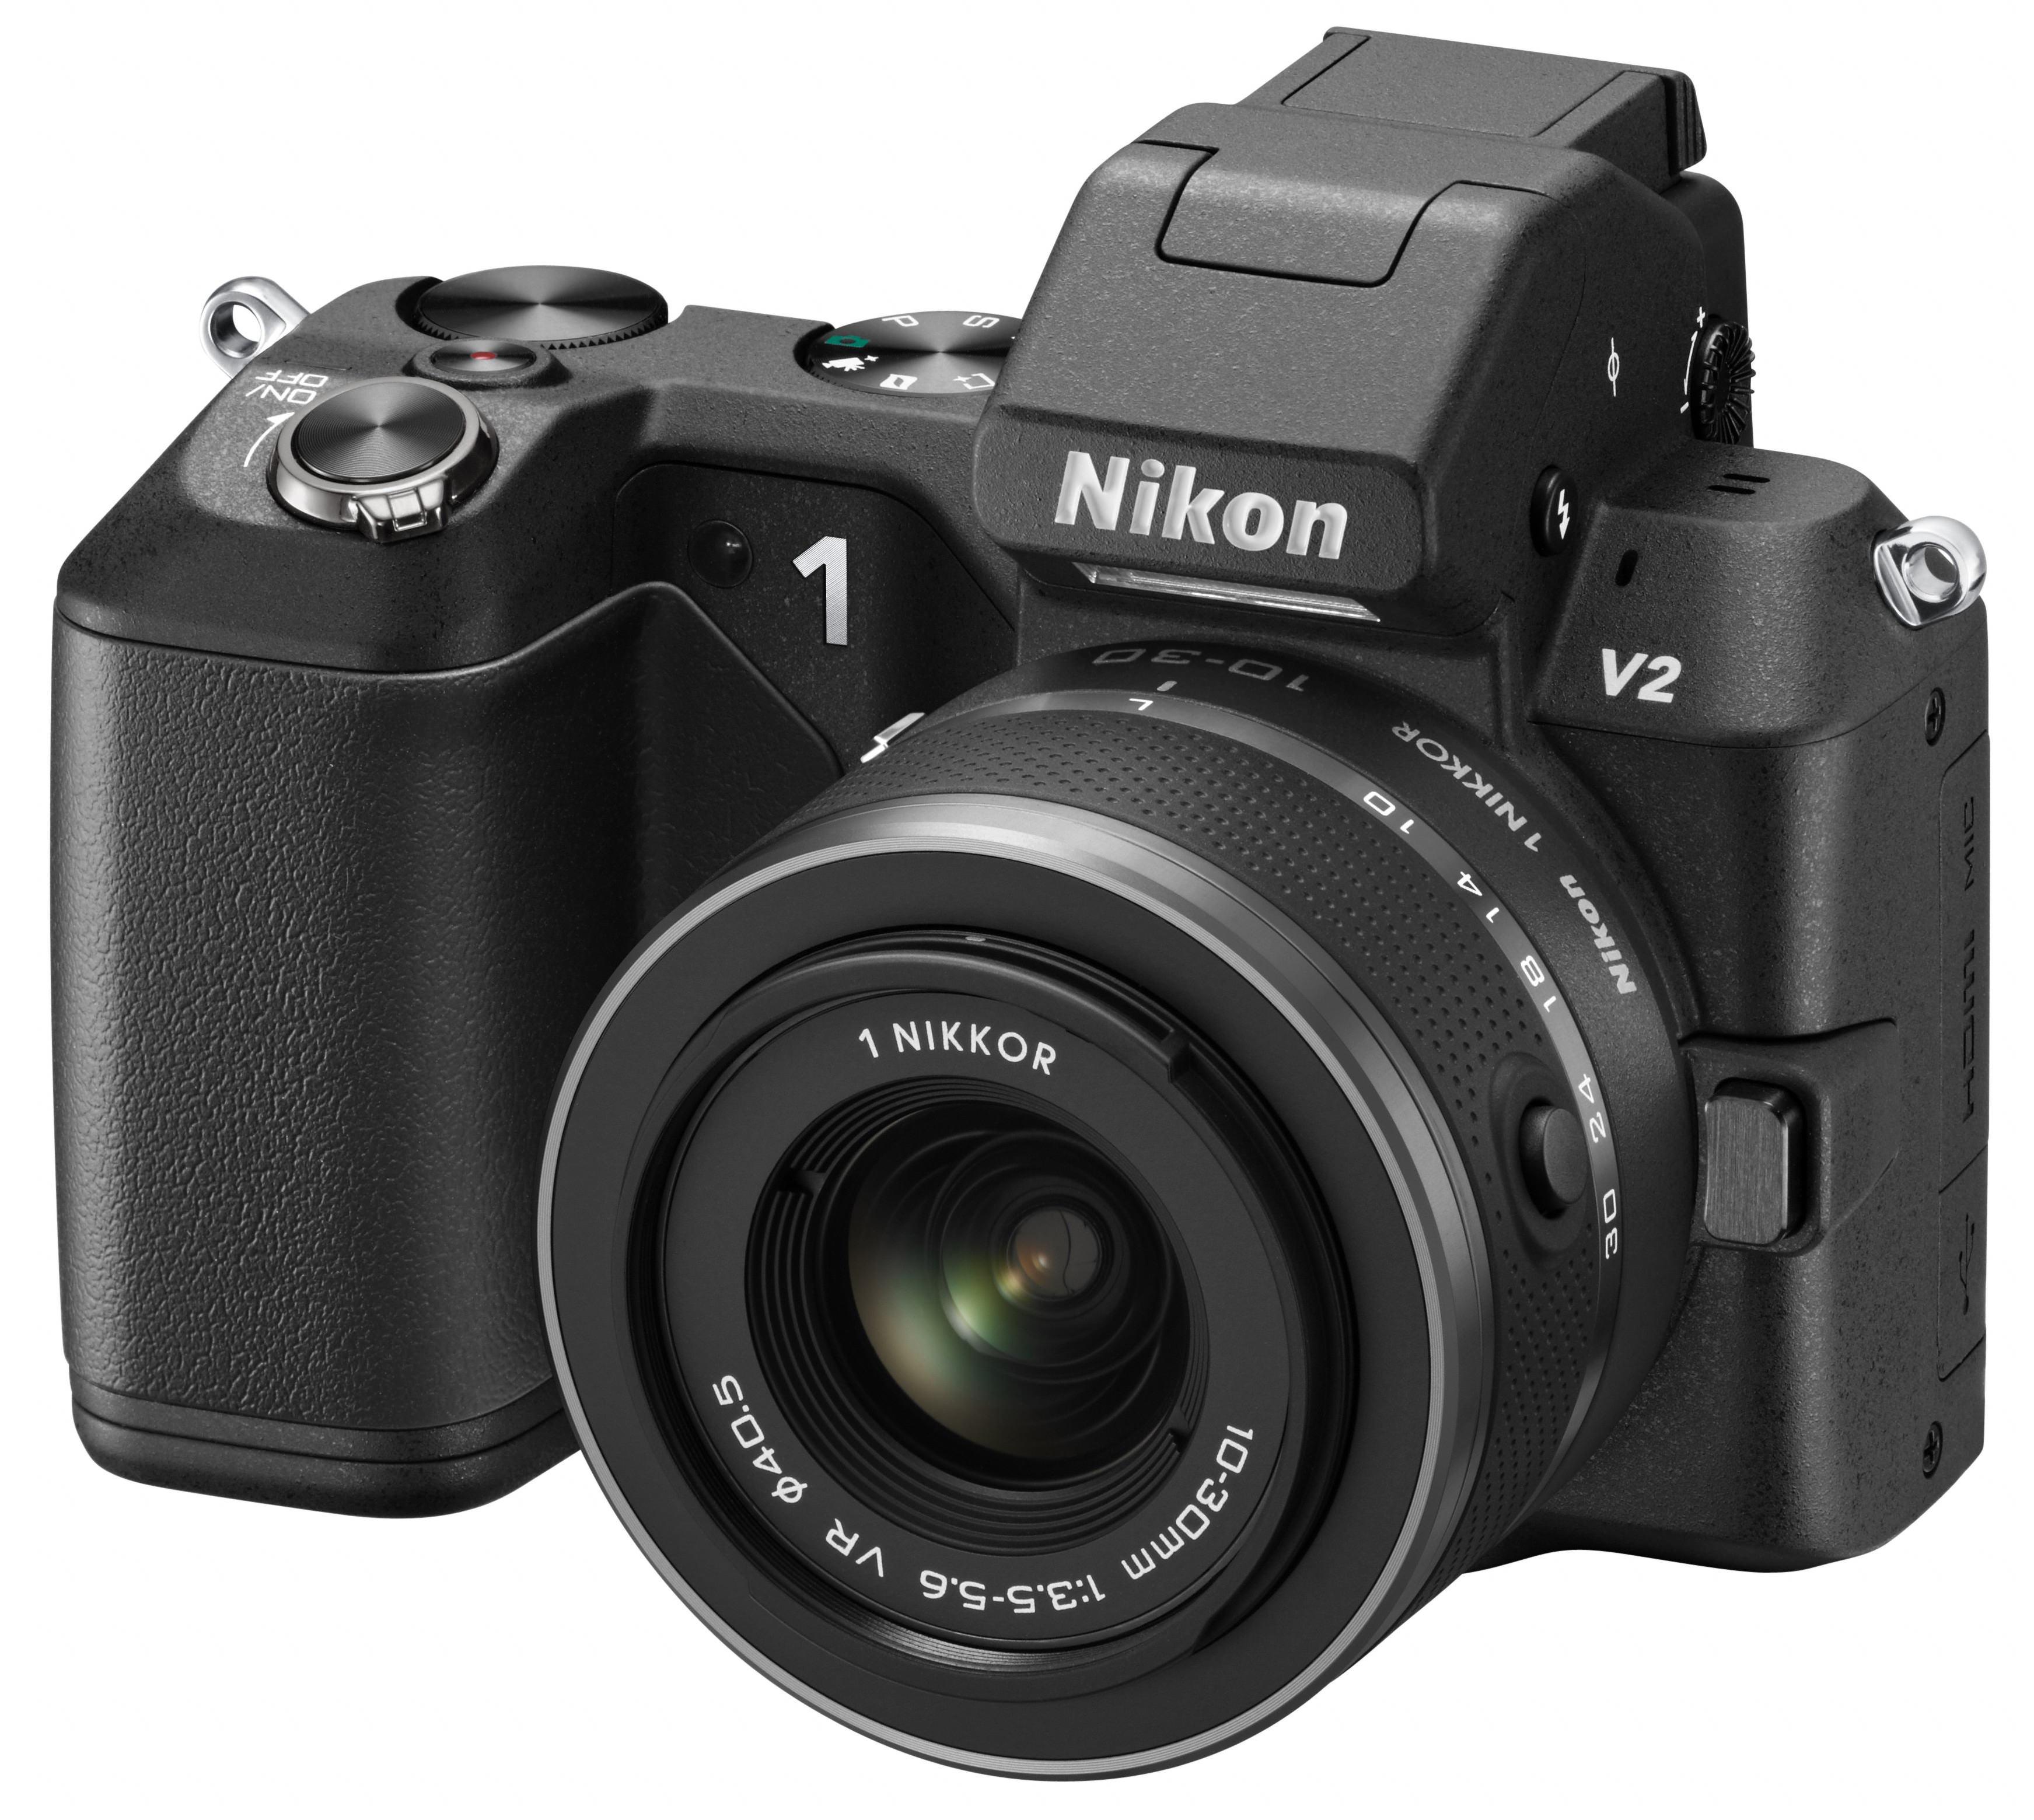 V2: Nikon 1 V2 Launched